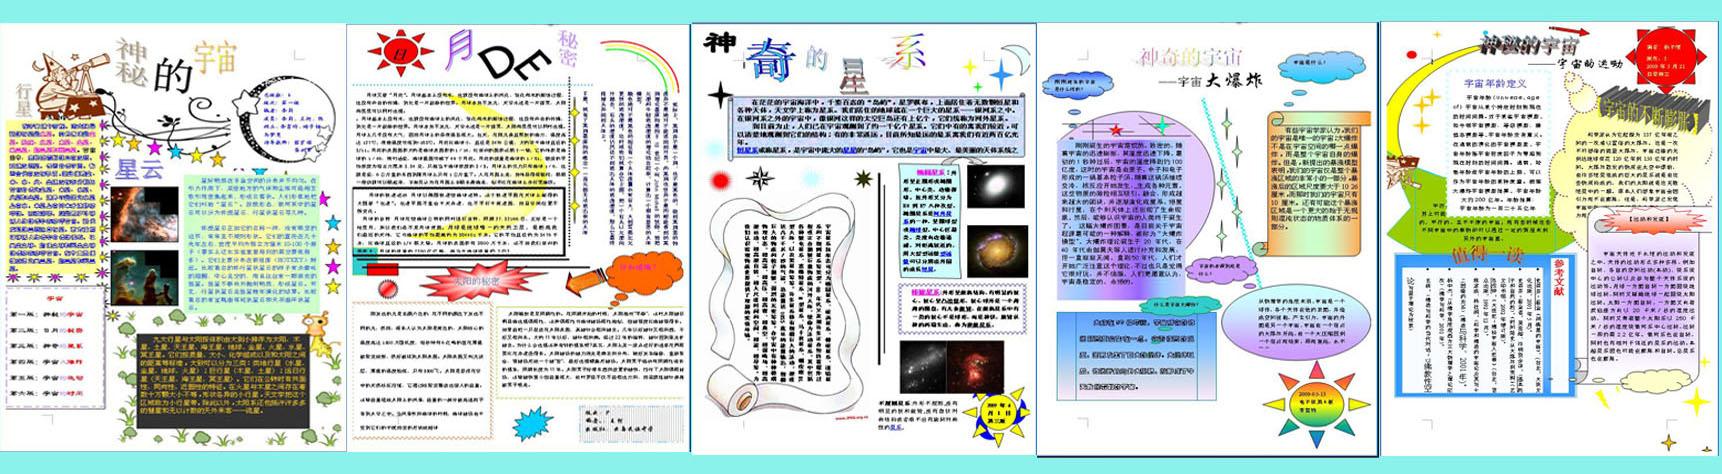 云南民族中学学生电子板报作品展